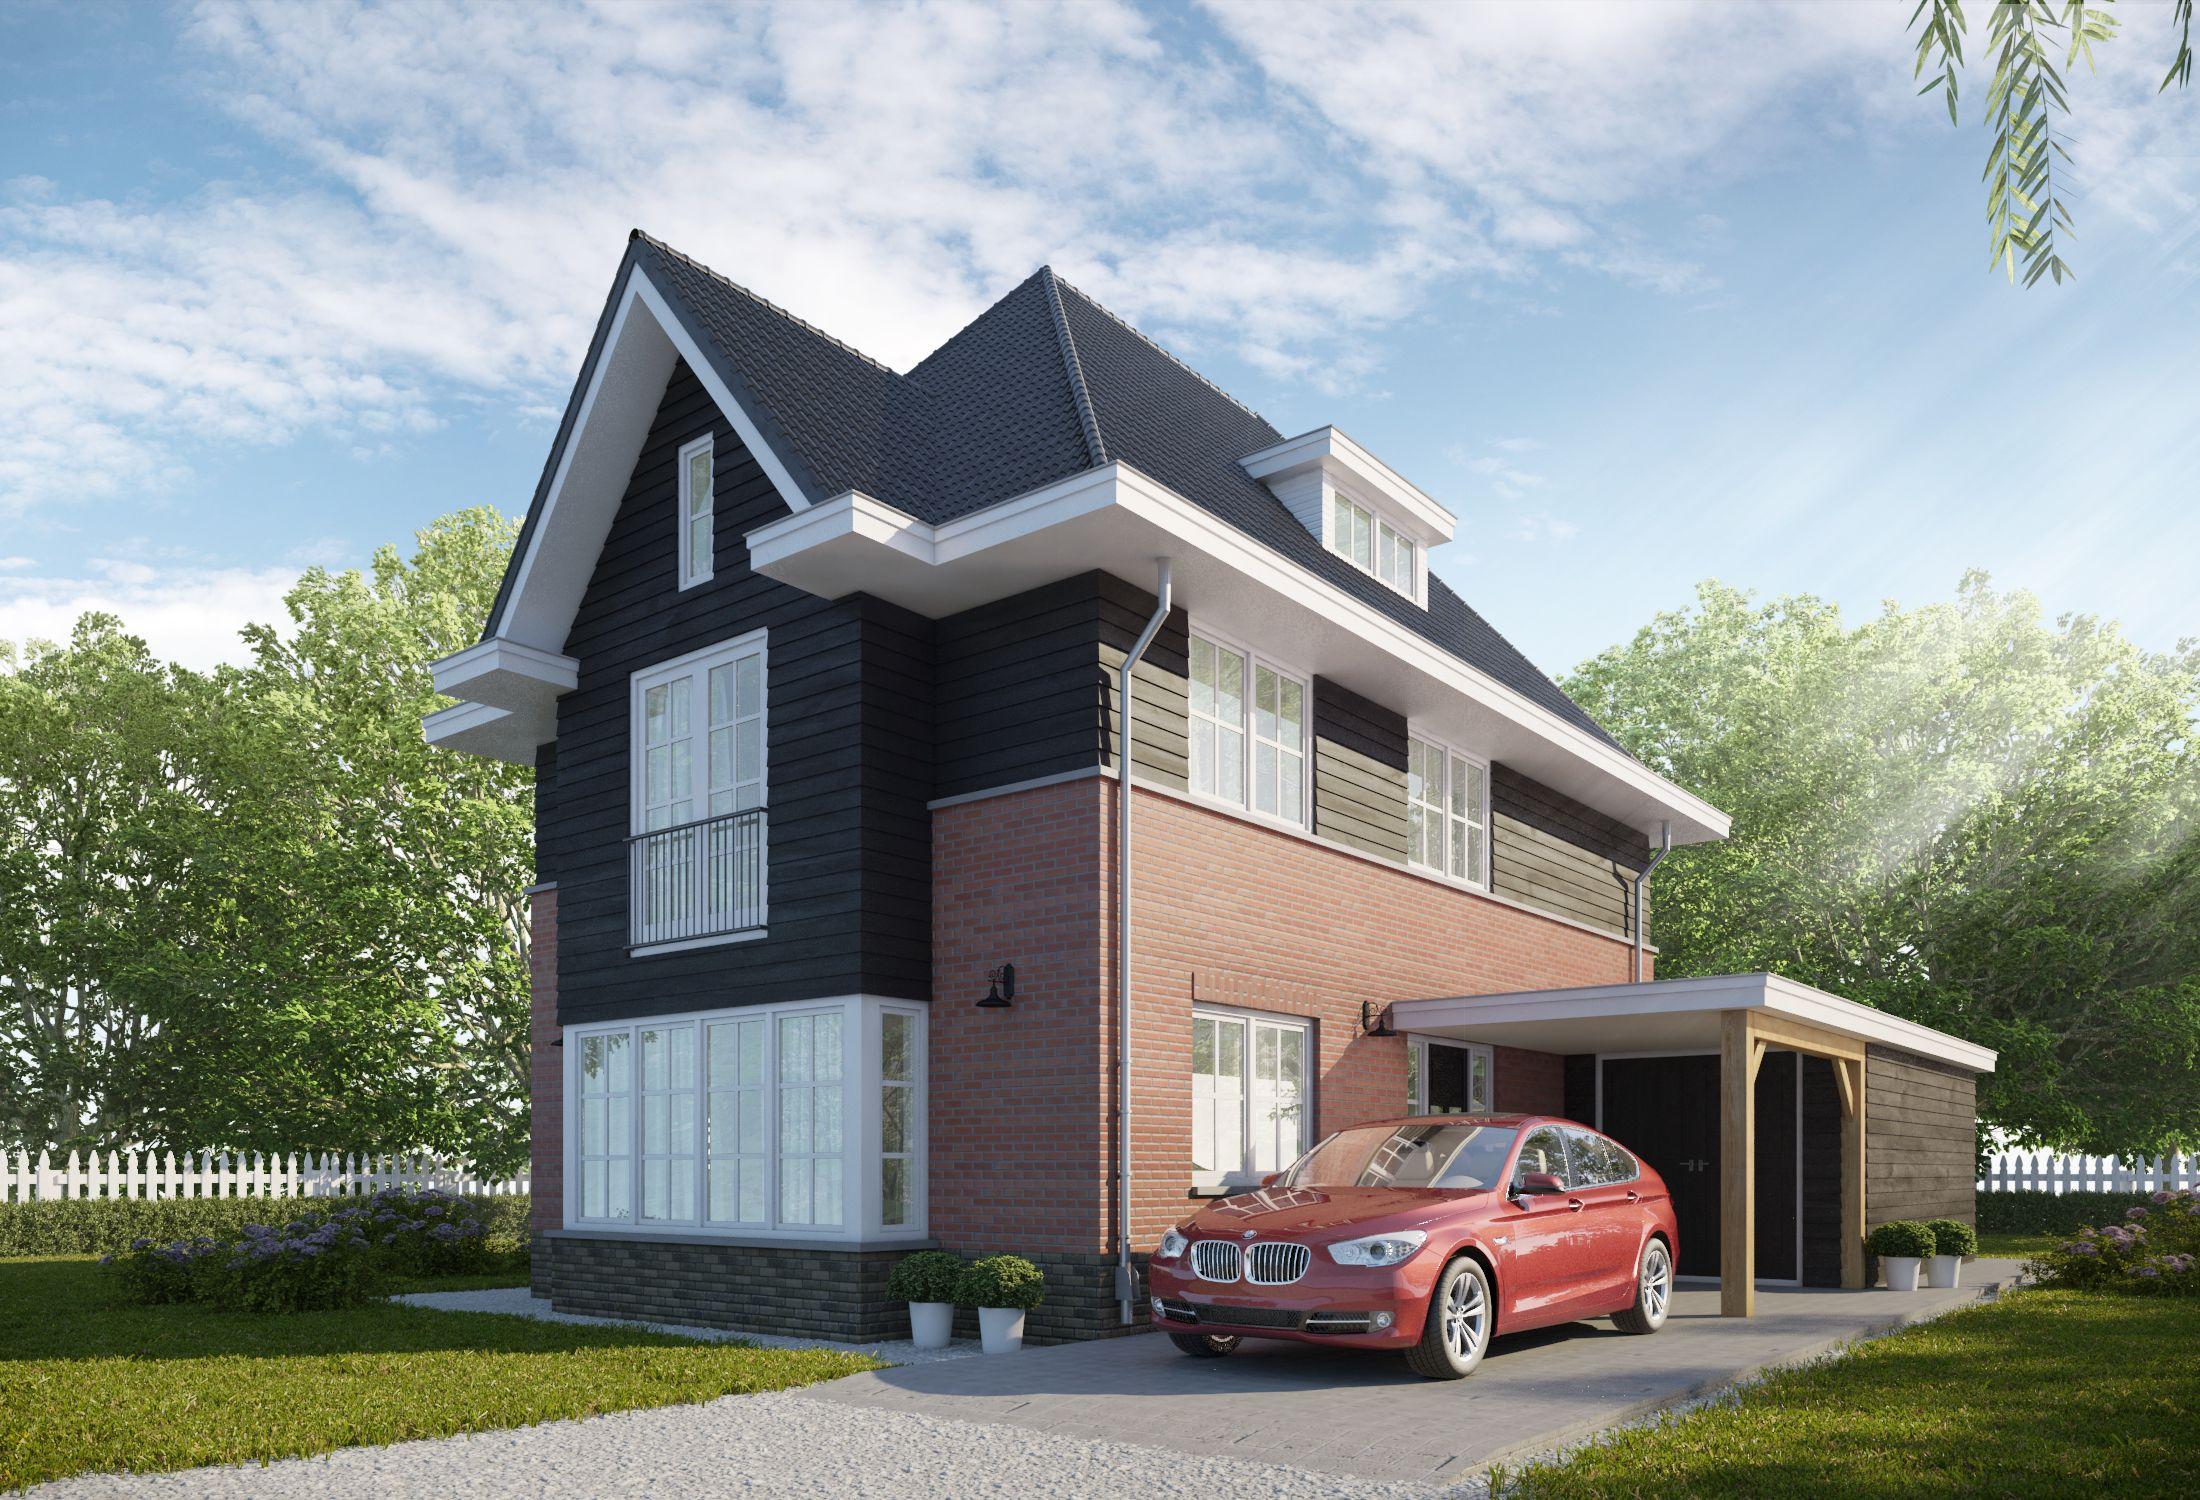 Ontwerp jaren 30 woning samen met buitenhuis villabouw for Huizen jaren 30 stijl